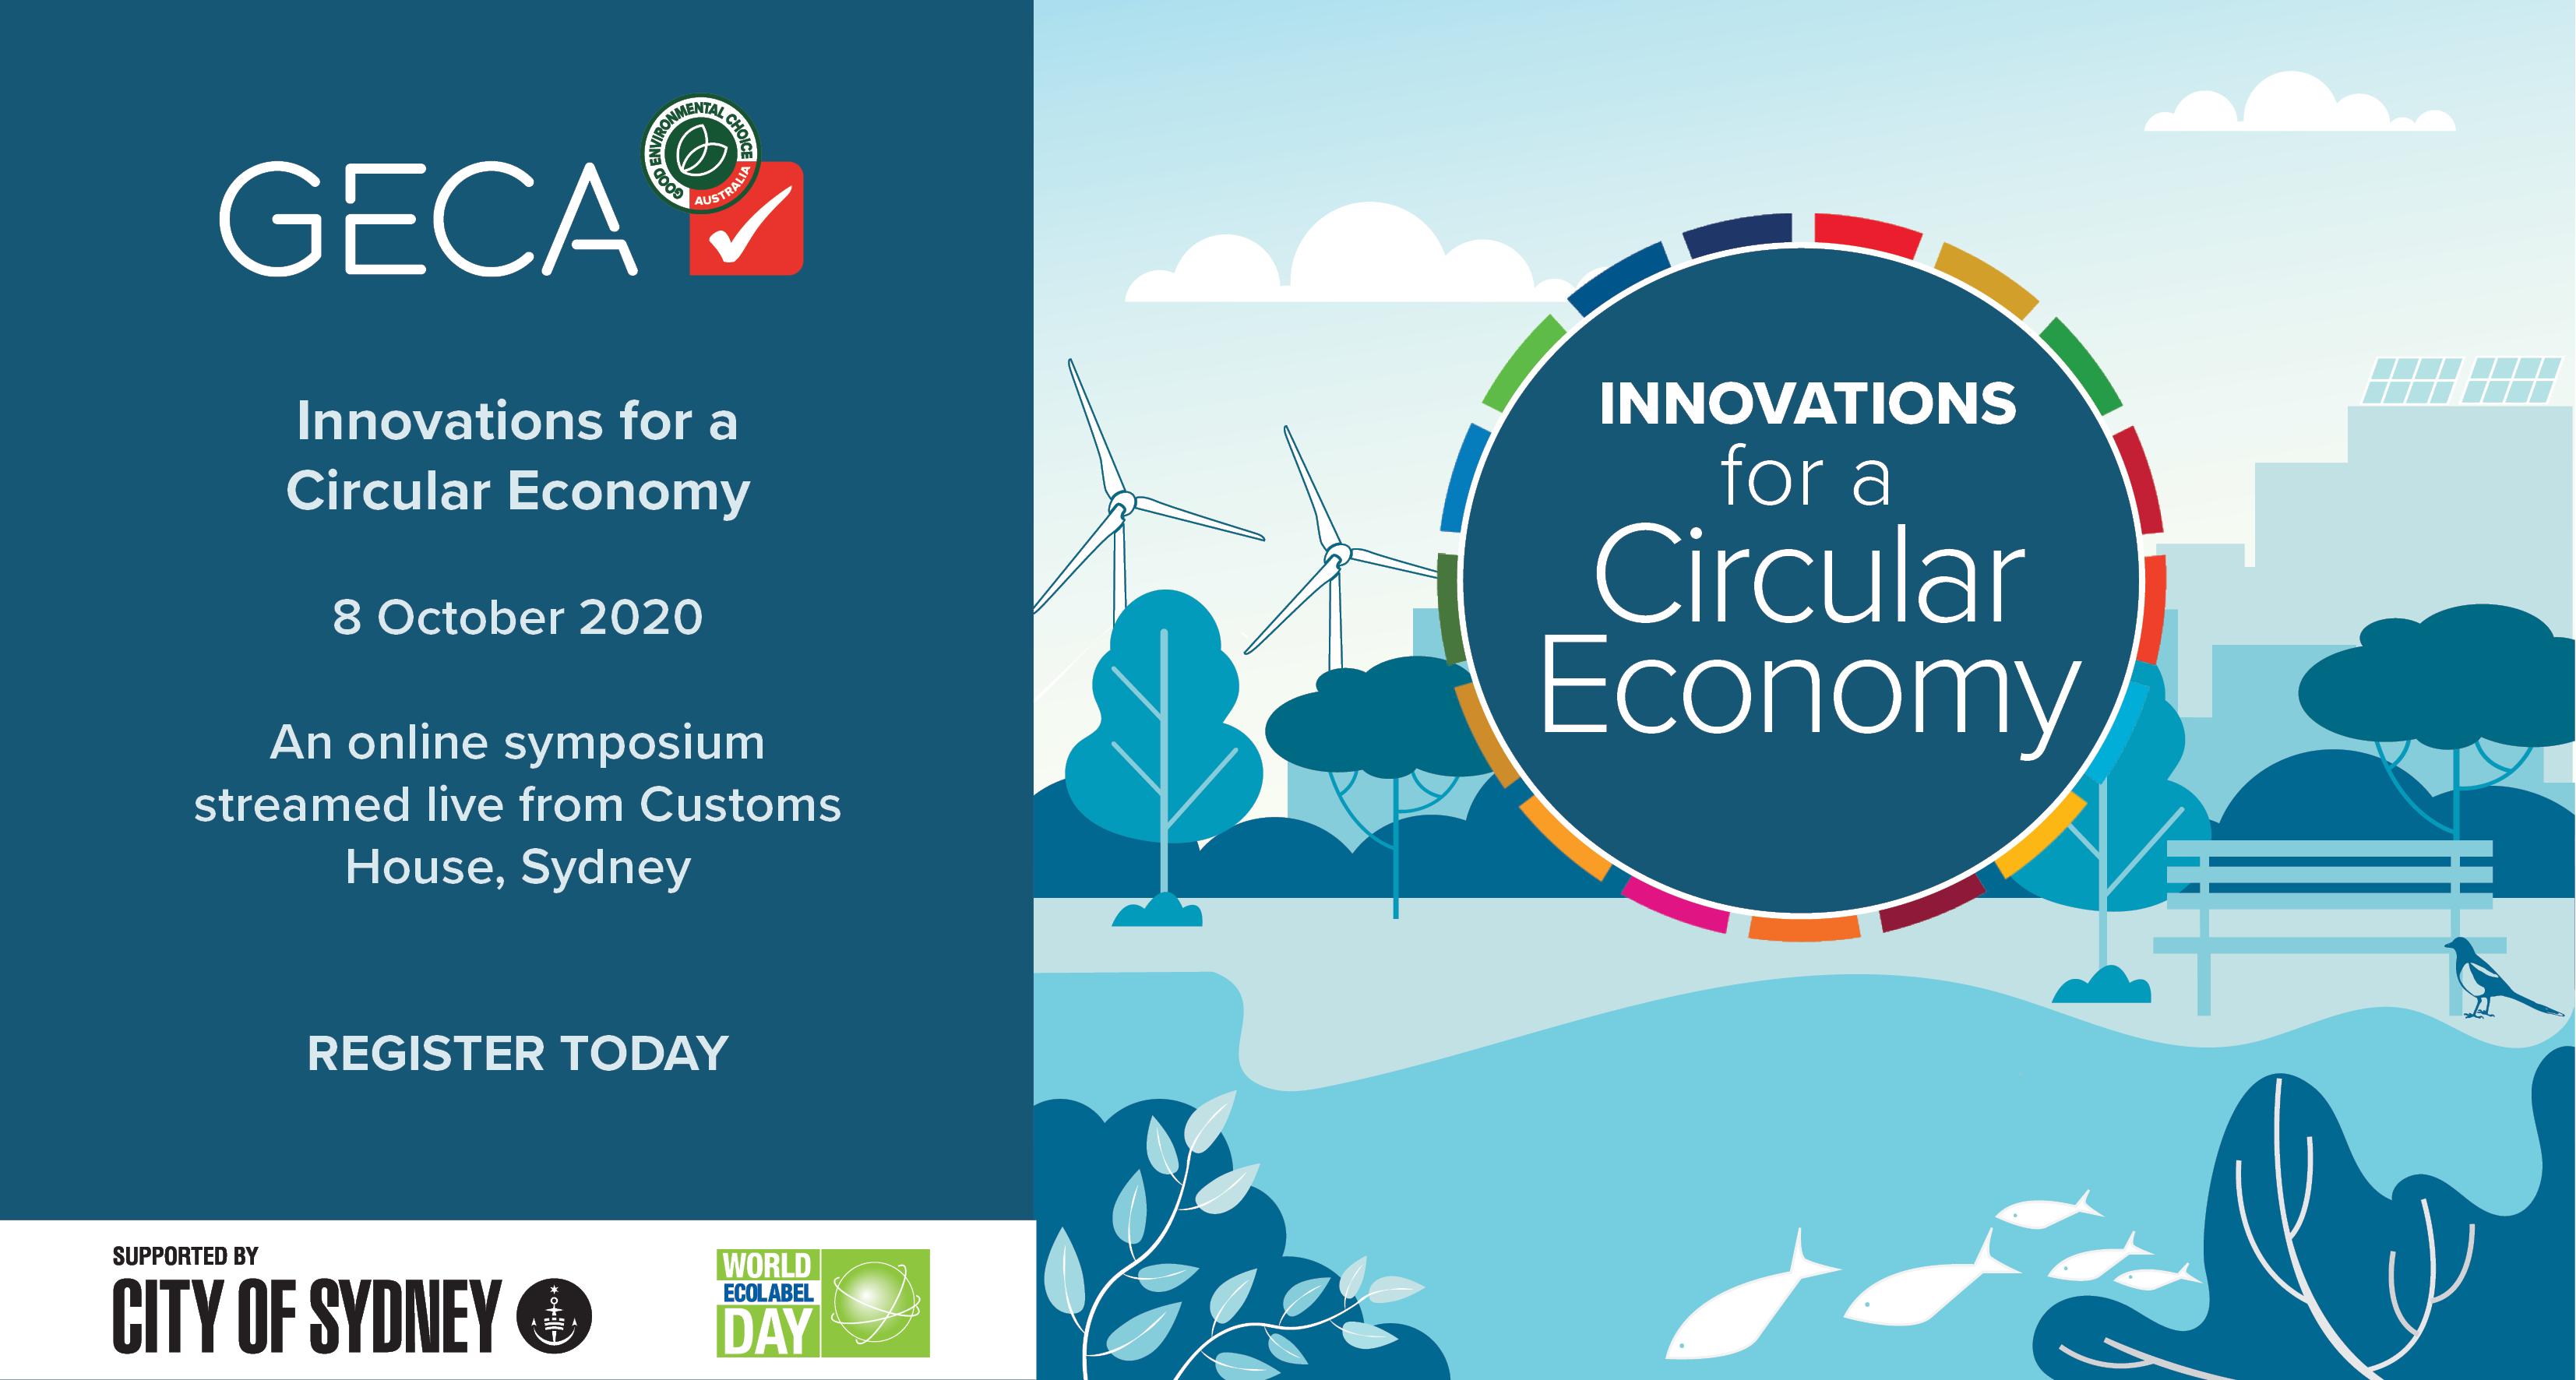 GECA Innovations for a Circular Economy